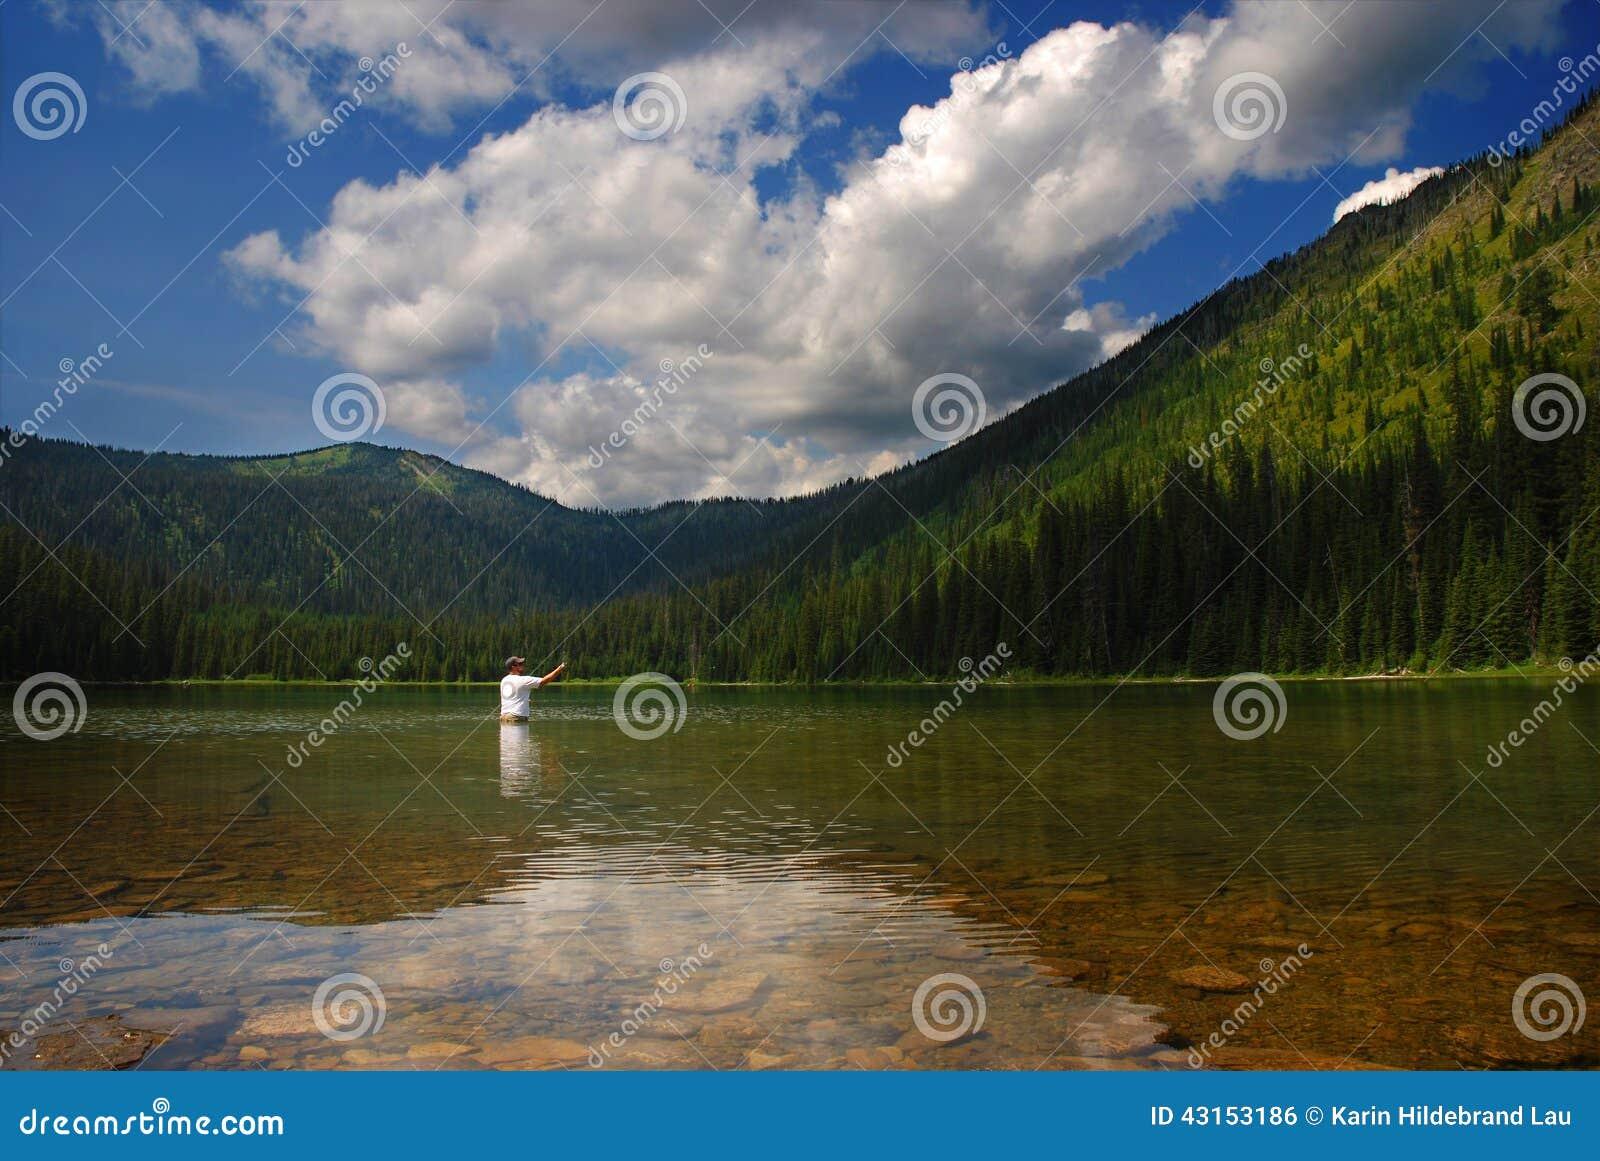 Mountain lake fisherman stock photo image 43153186 for Whitefish montana fishing